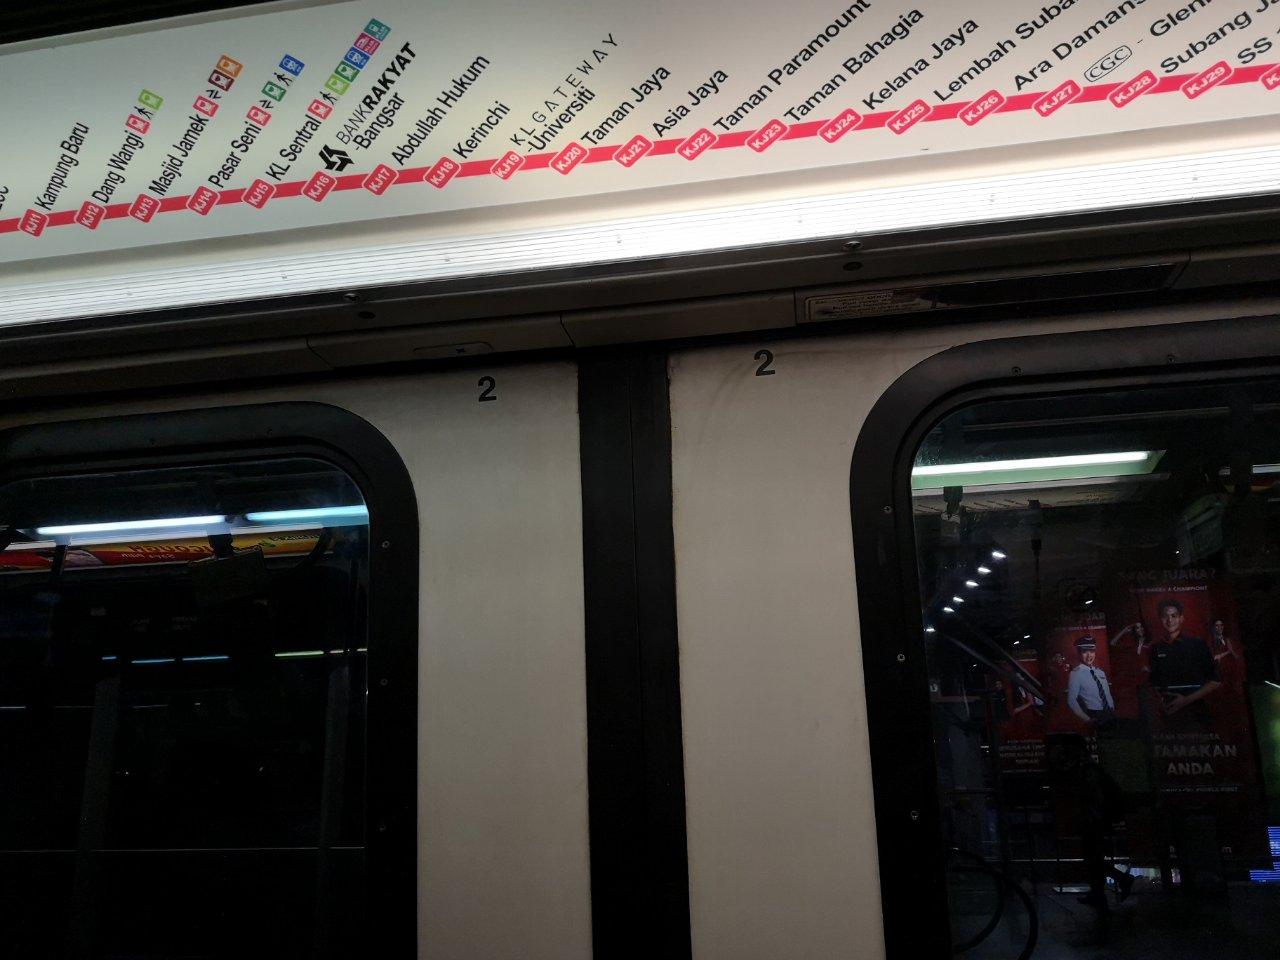 KLセントラル駅からアンパンパーク駅まで